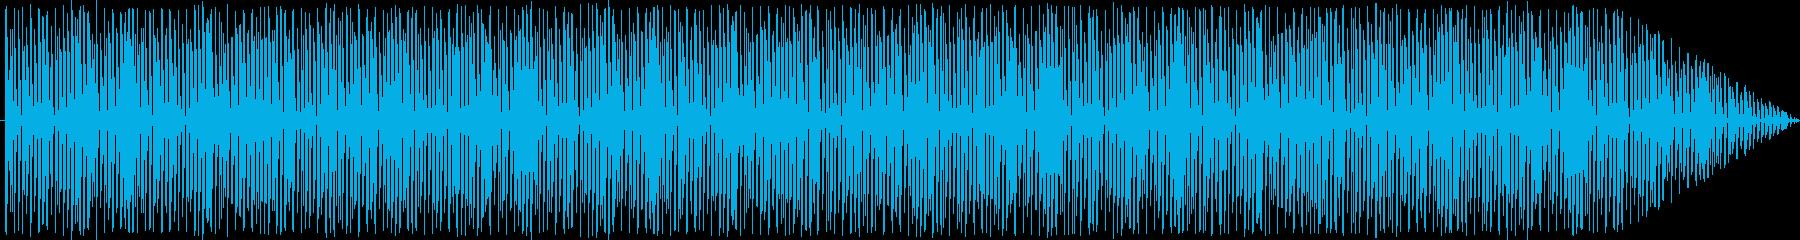 ループ。トランスはタイトルとして怠け者の再生済みの波形